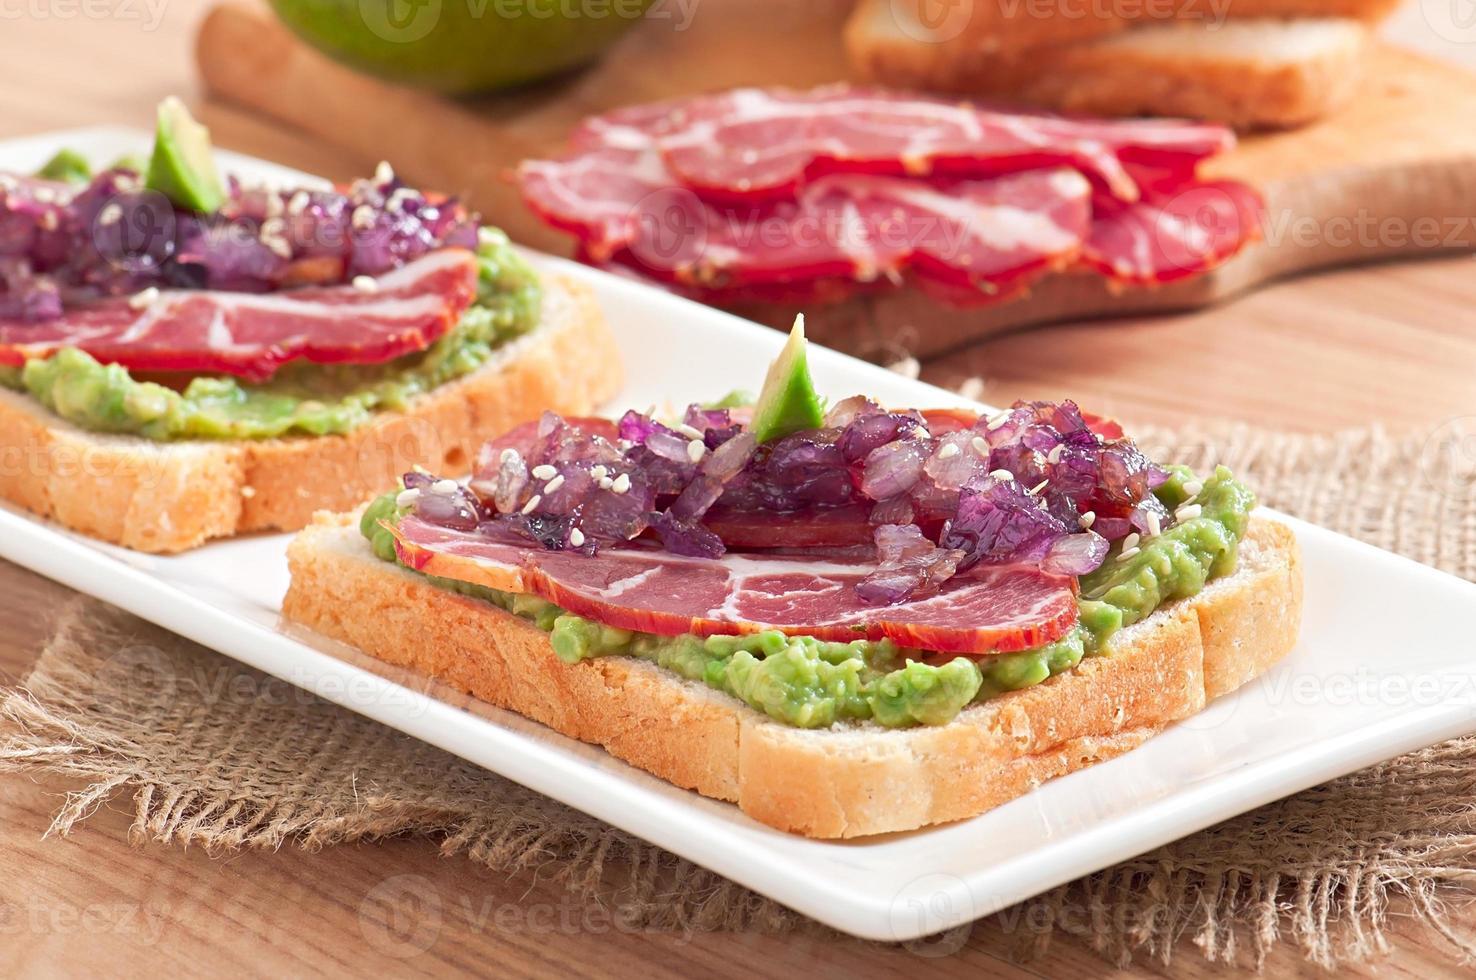 sandwich con prosciutto, salsa di avocado e cipolle caramellate foto